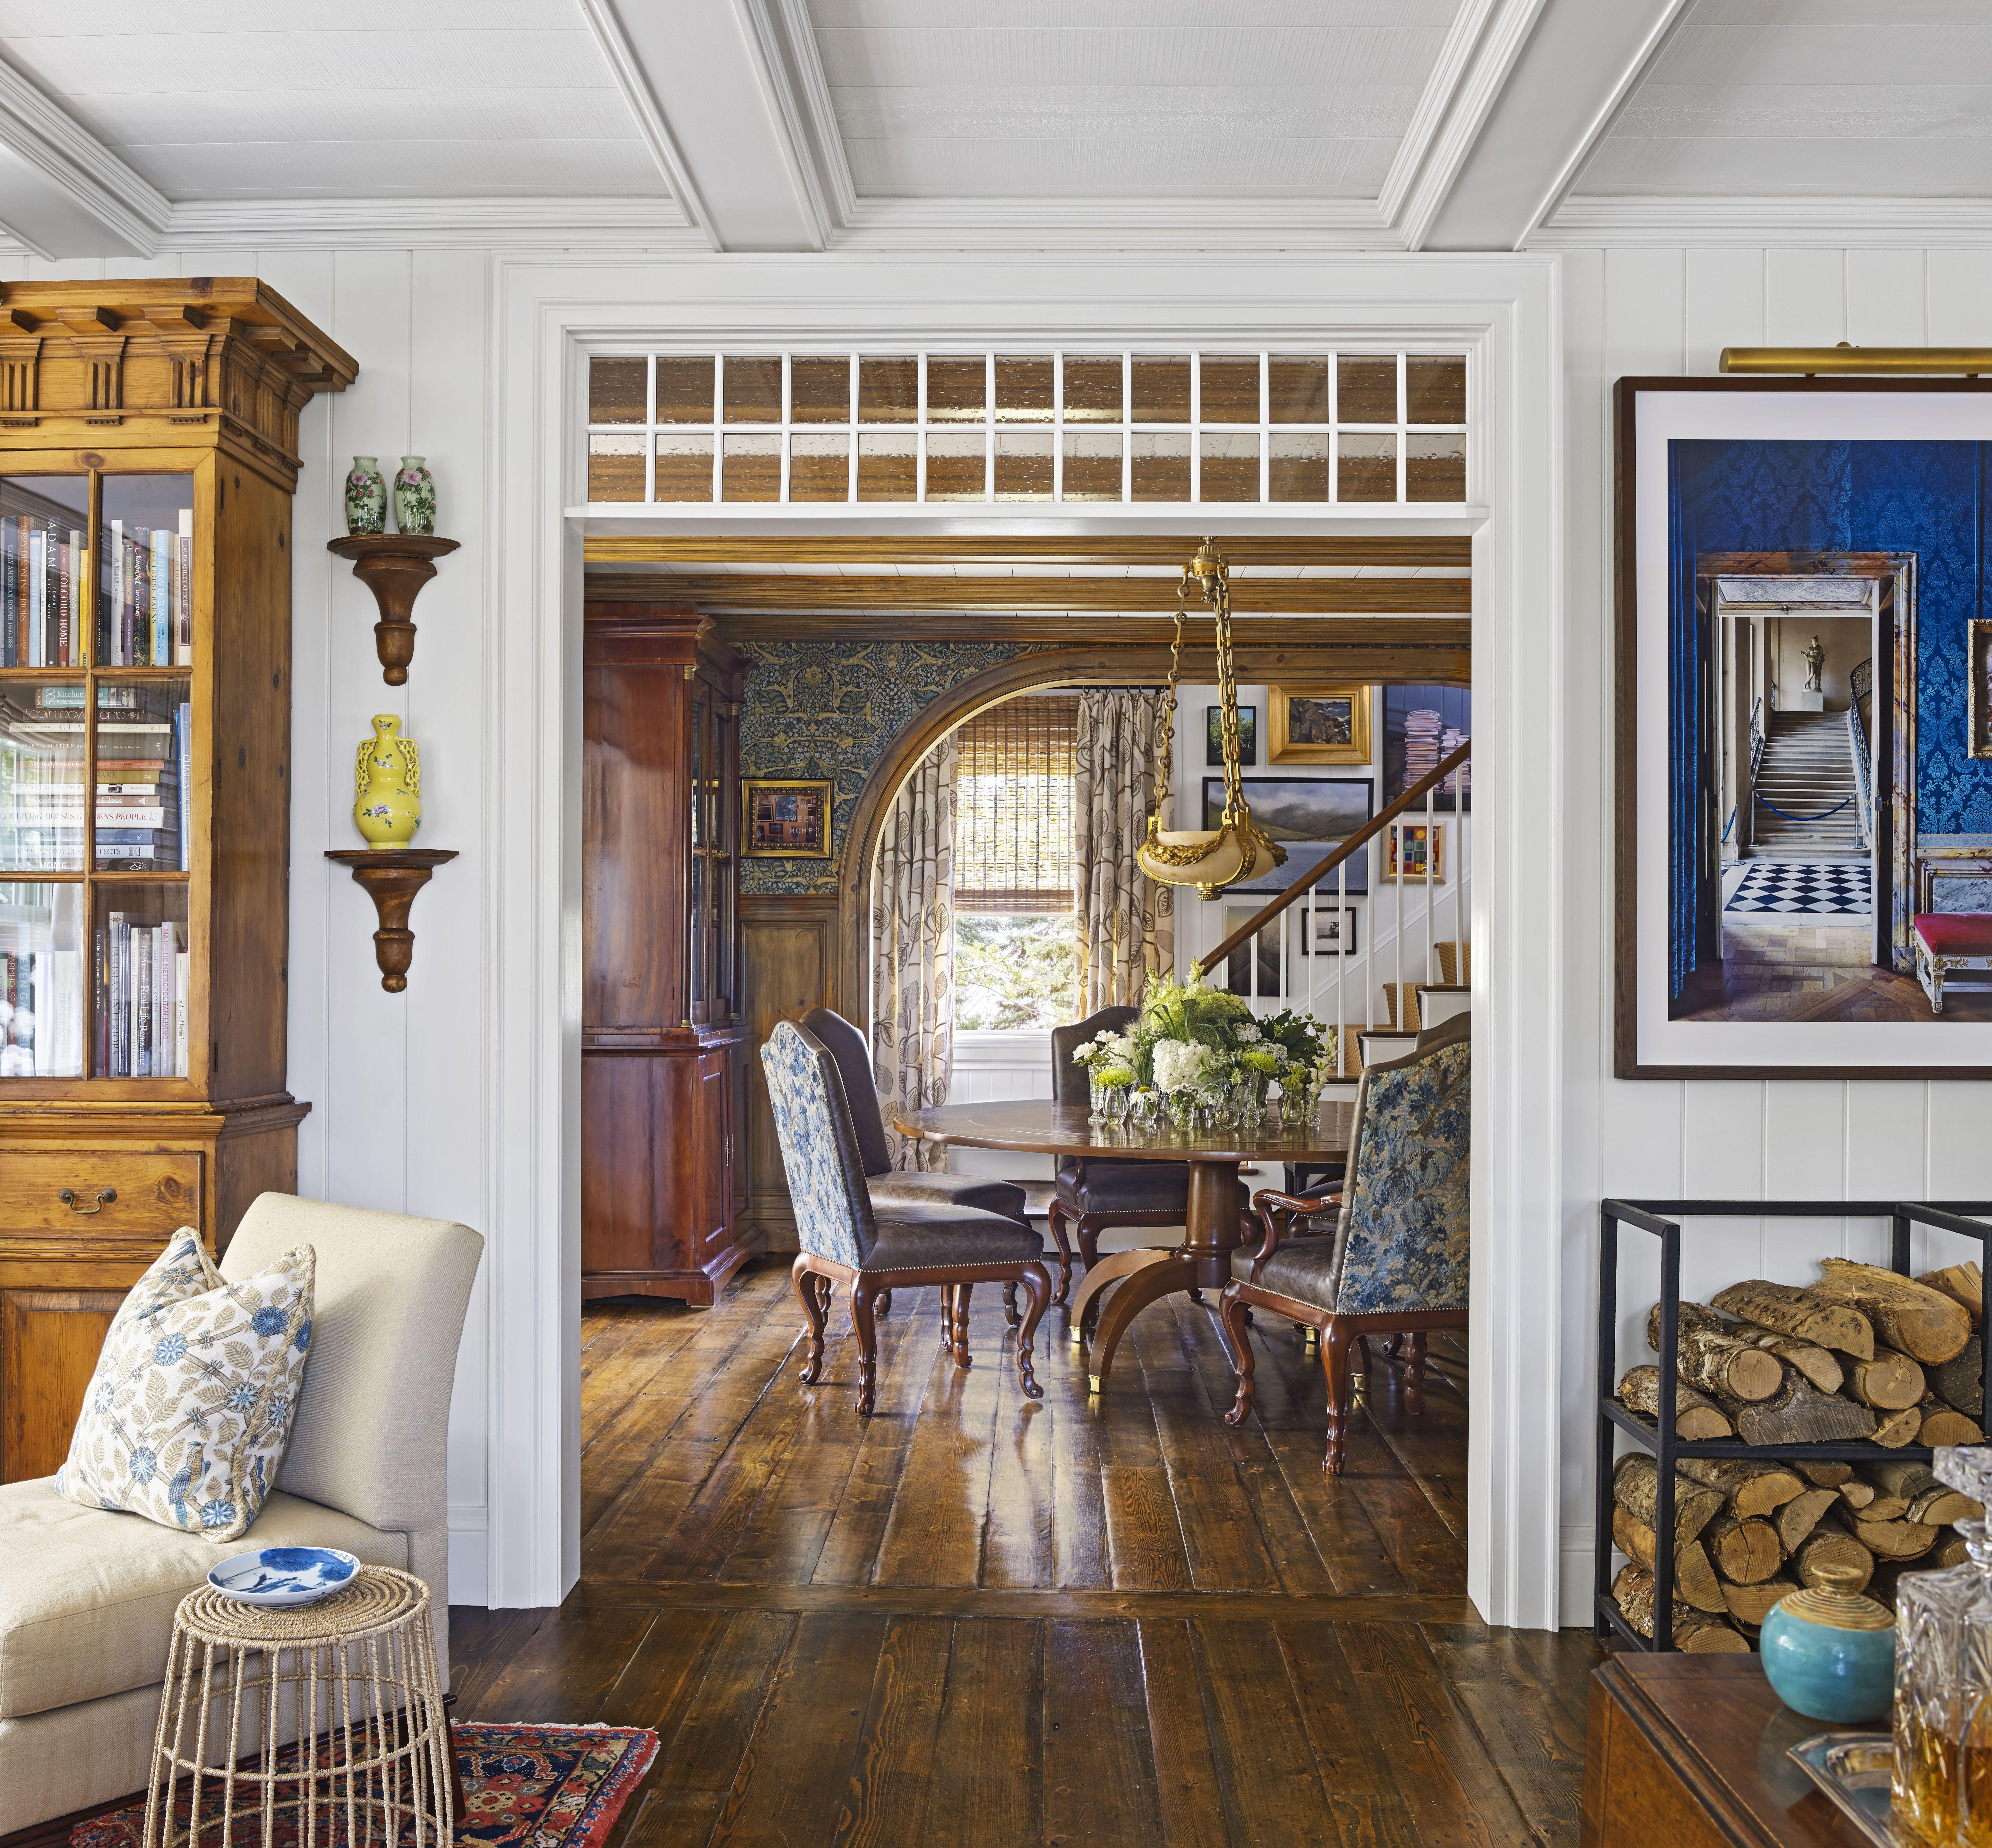 50 Best Dining Room Ideas – Designer Dining Rooms & Decor